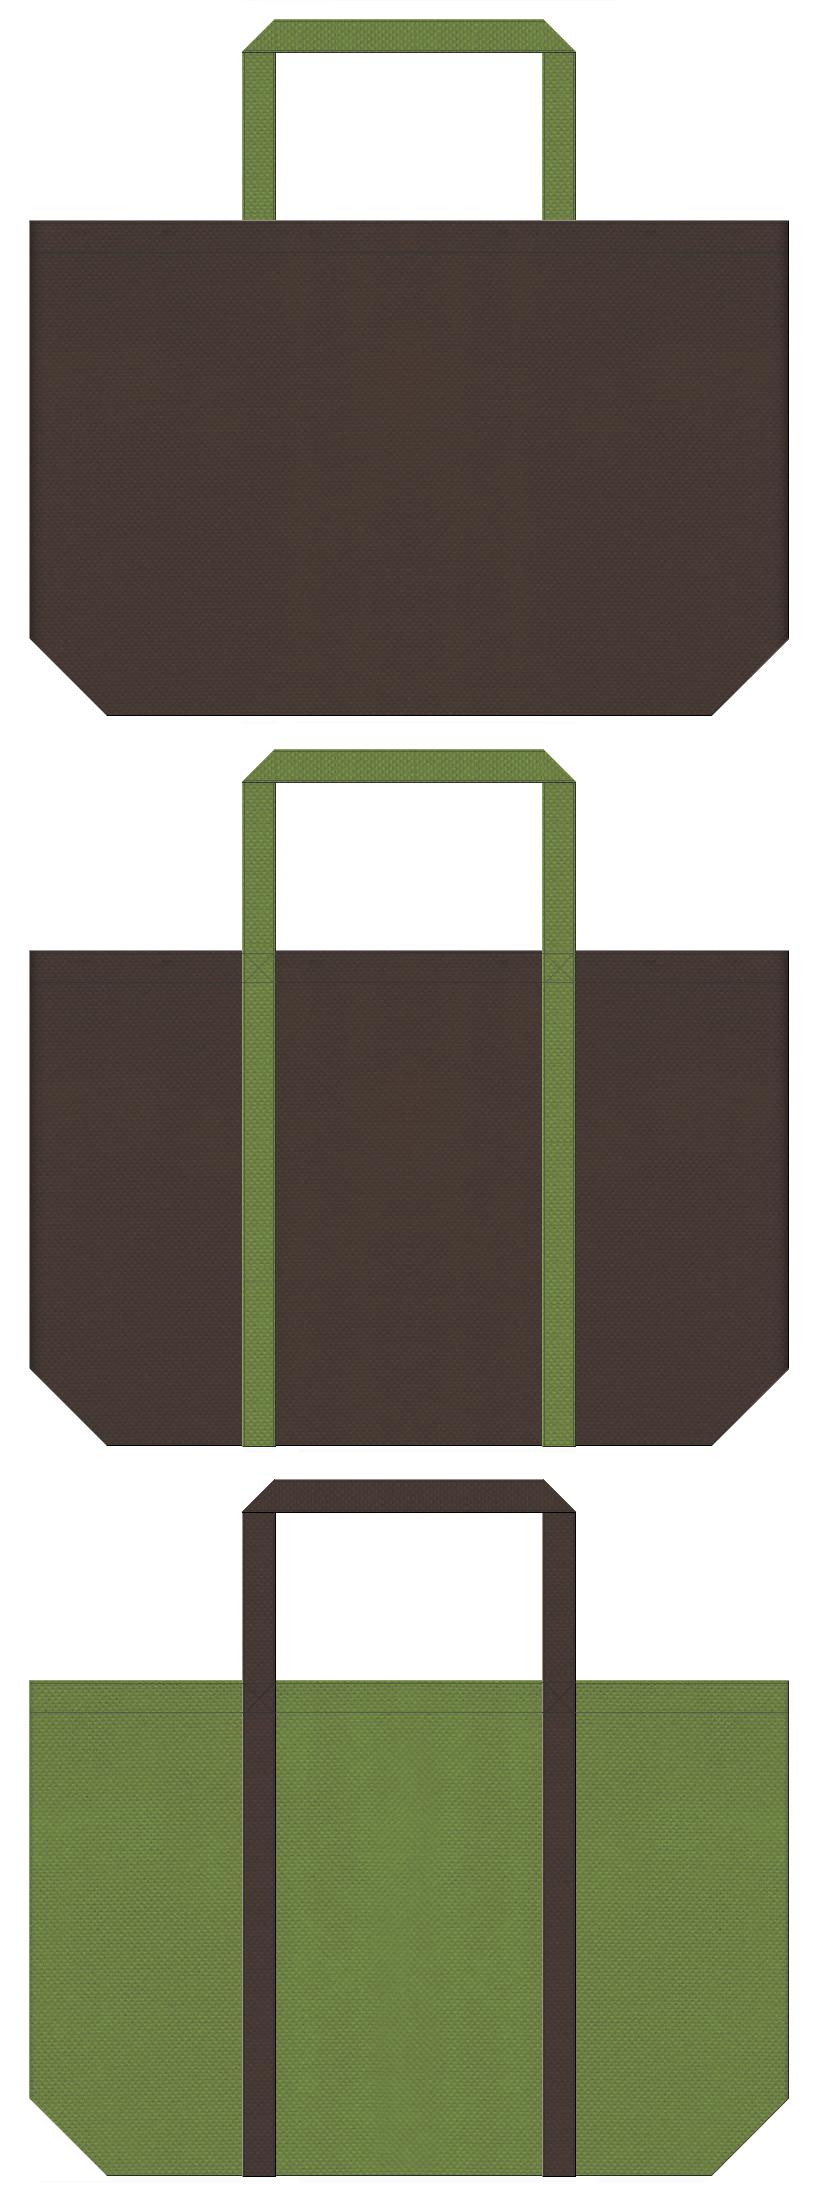 こげ茶色と草色の不織布バッグデザイン。和風庭園風の配色で、造園・エクステリアの展示会用バッグにお奨めです。